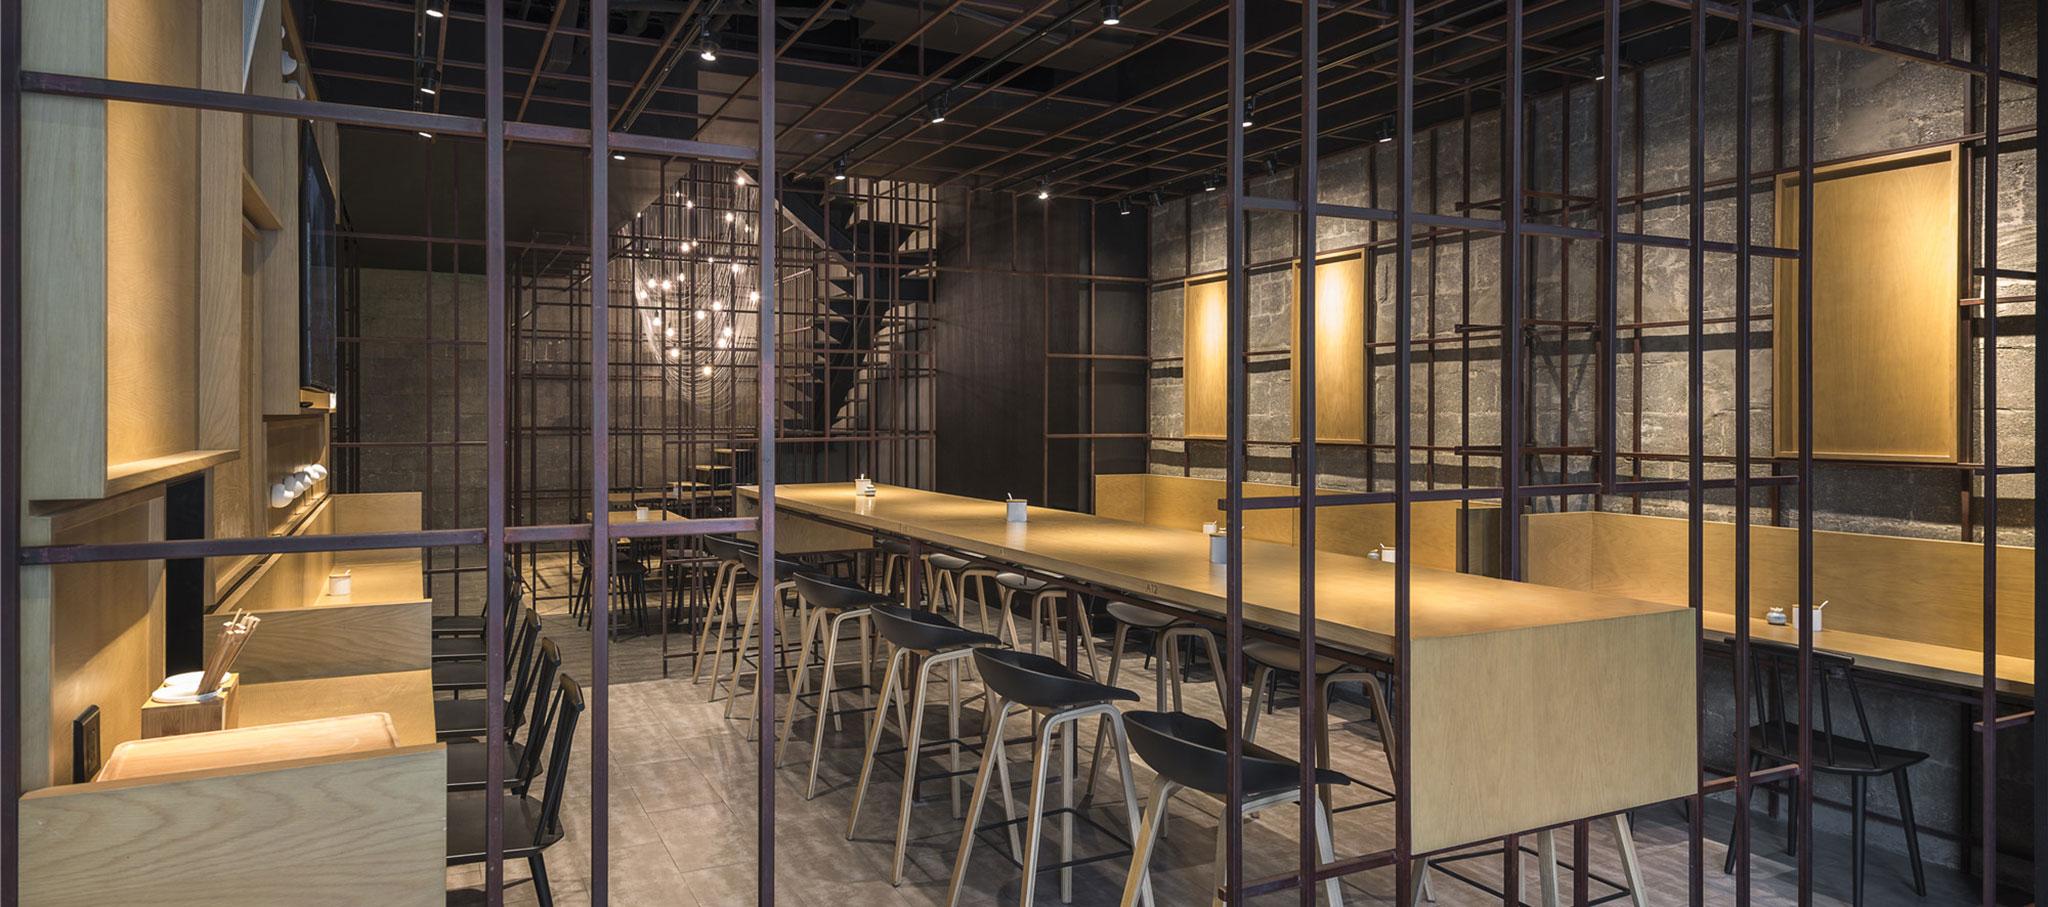 Vista interior.Noodle Diner Sanlitun SOHO por Lukstudio. Fotografía © Dirk Weiblen